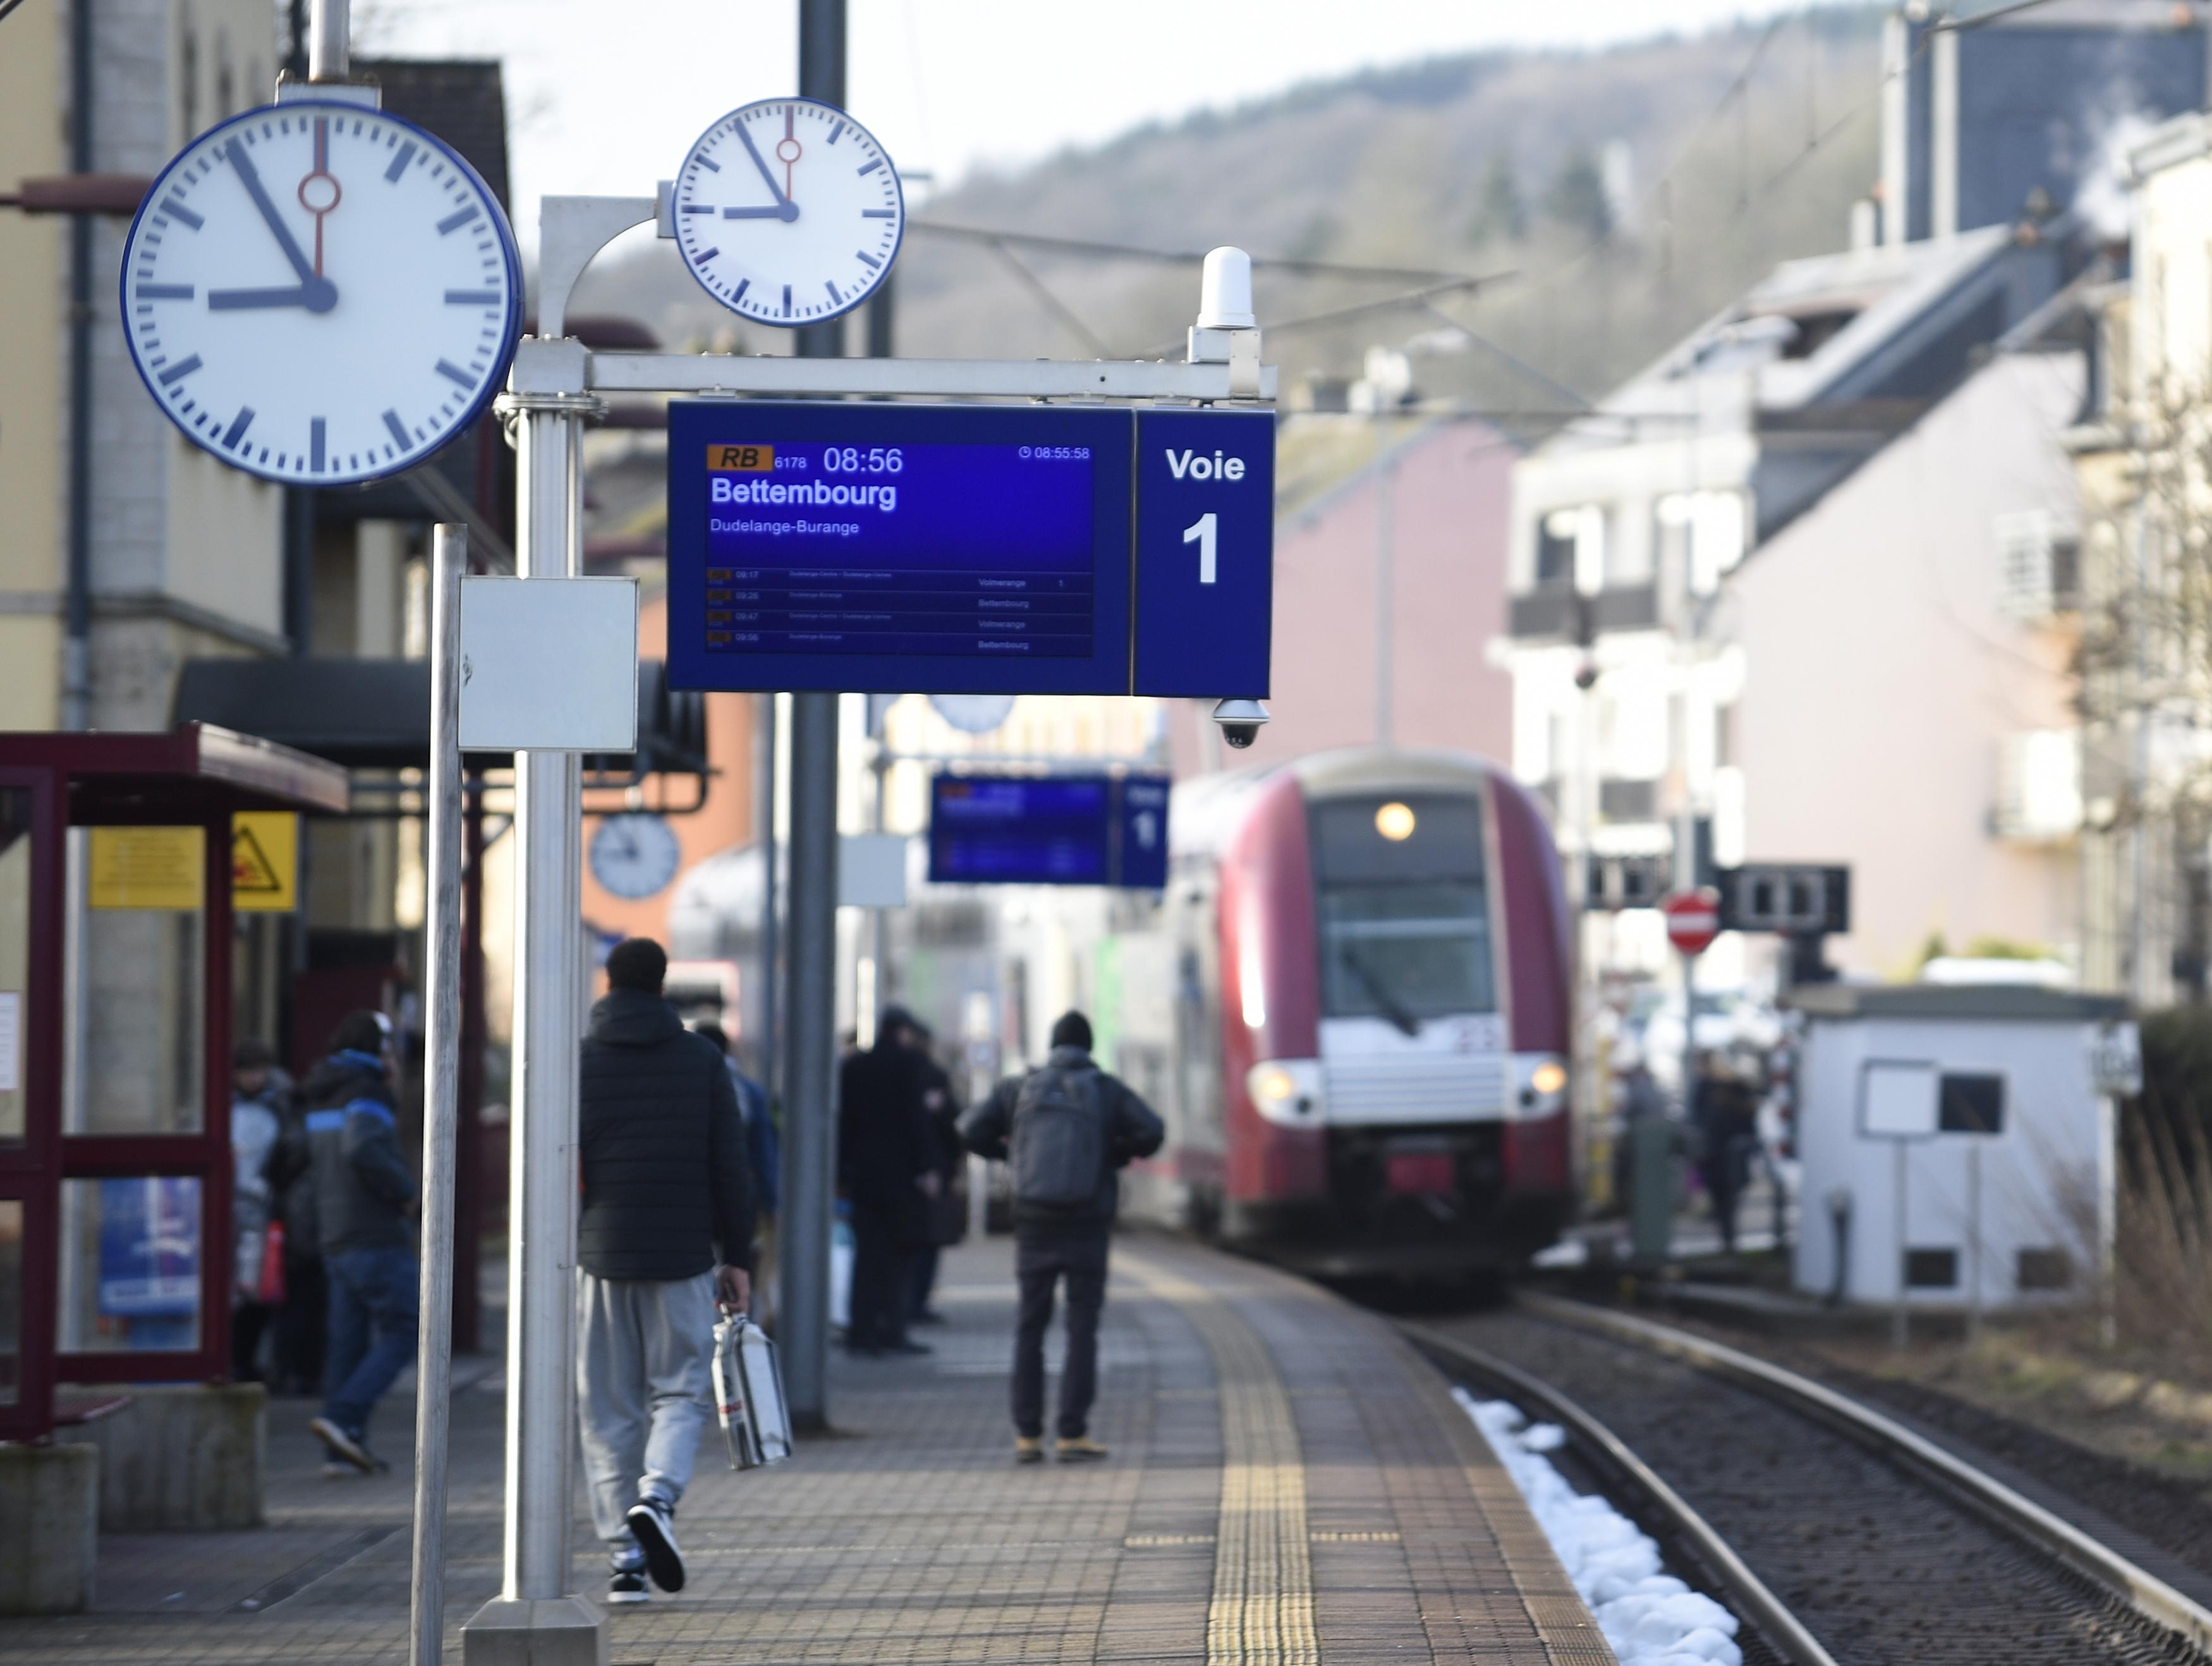 Szombattól ingyenes a tömegközlekedés Luxemburgban